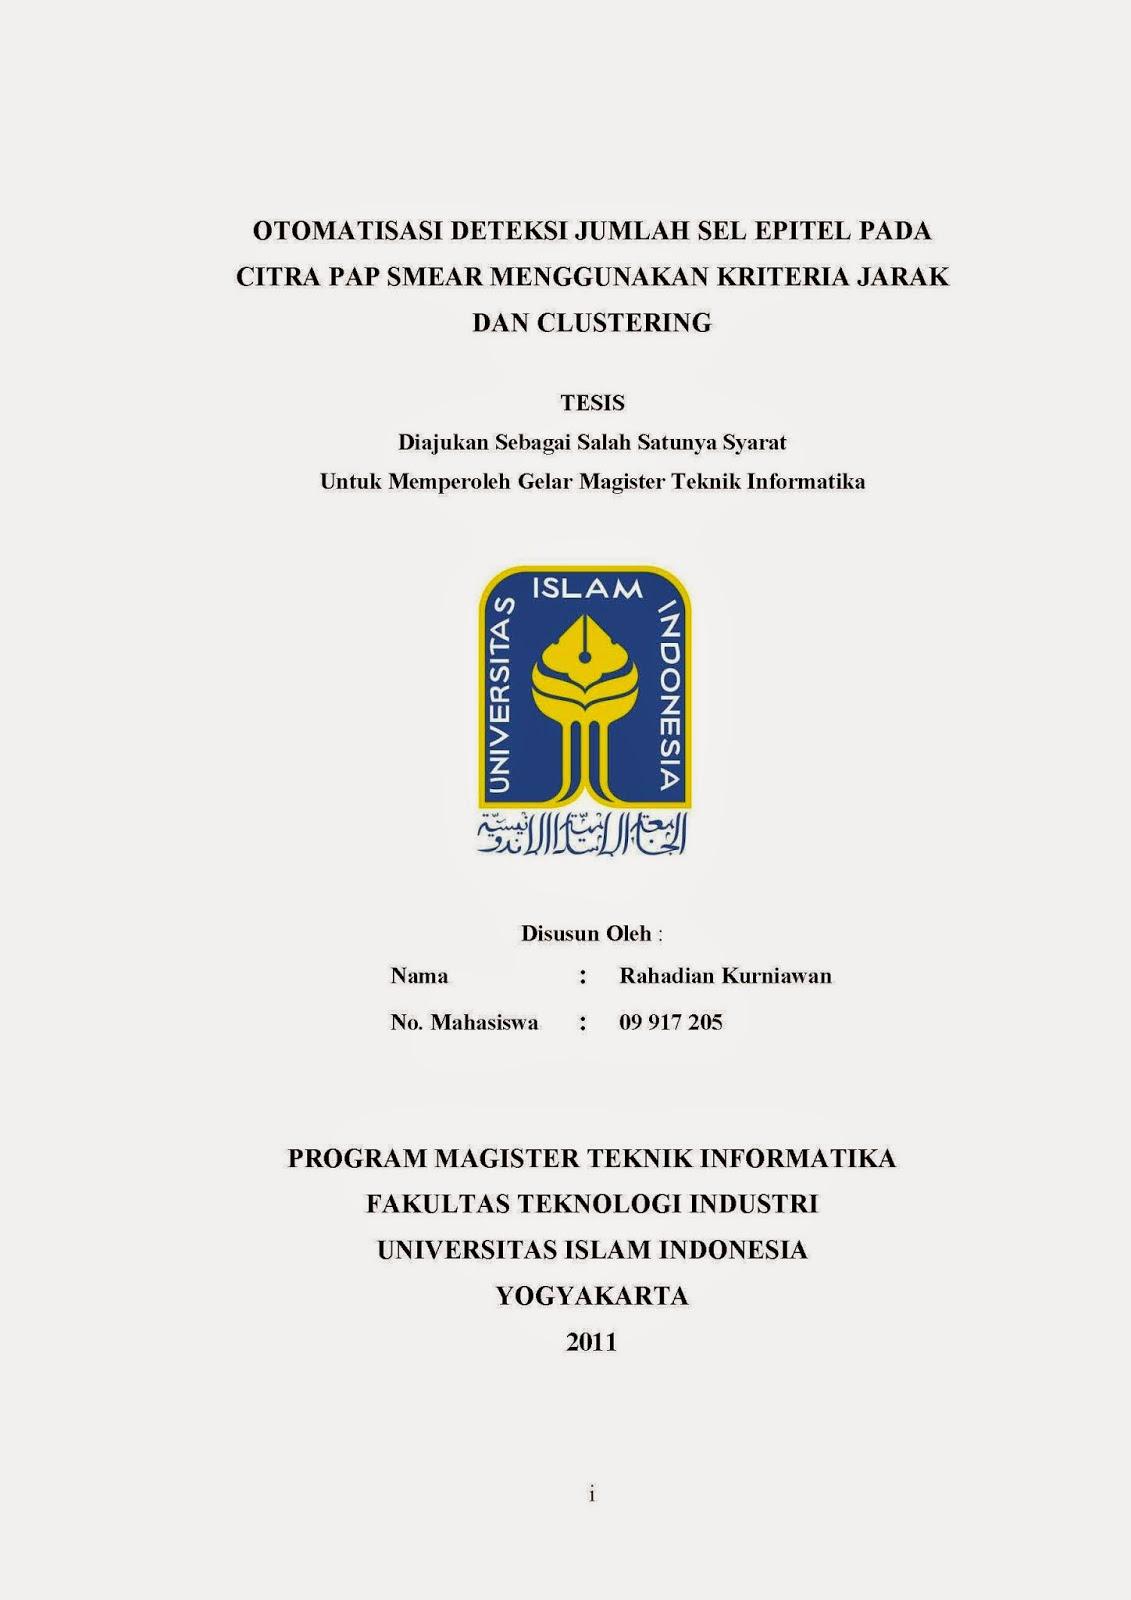 Skripsi Fakultas Ekonomi Manajemen Ide Judul Skripsi Universitas